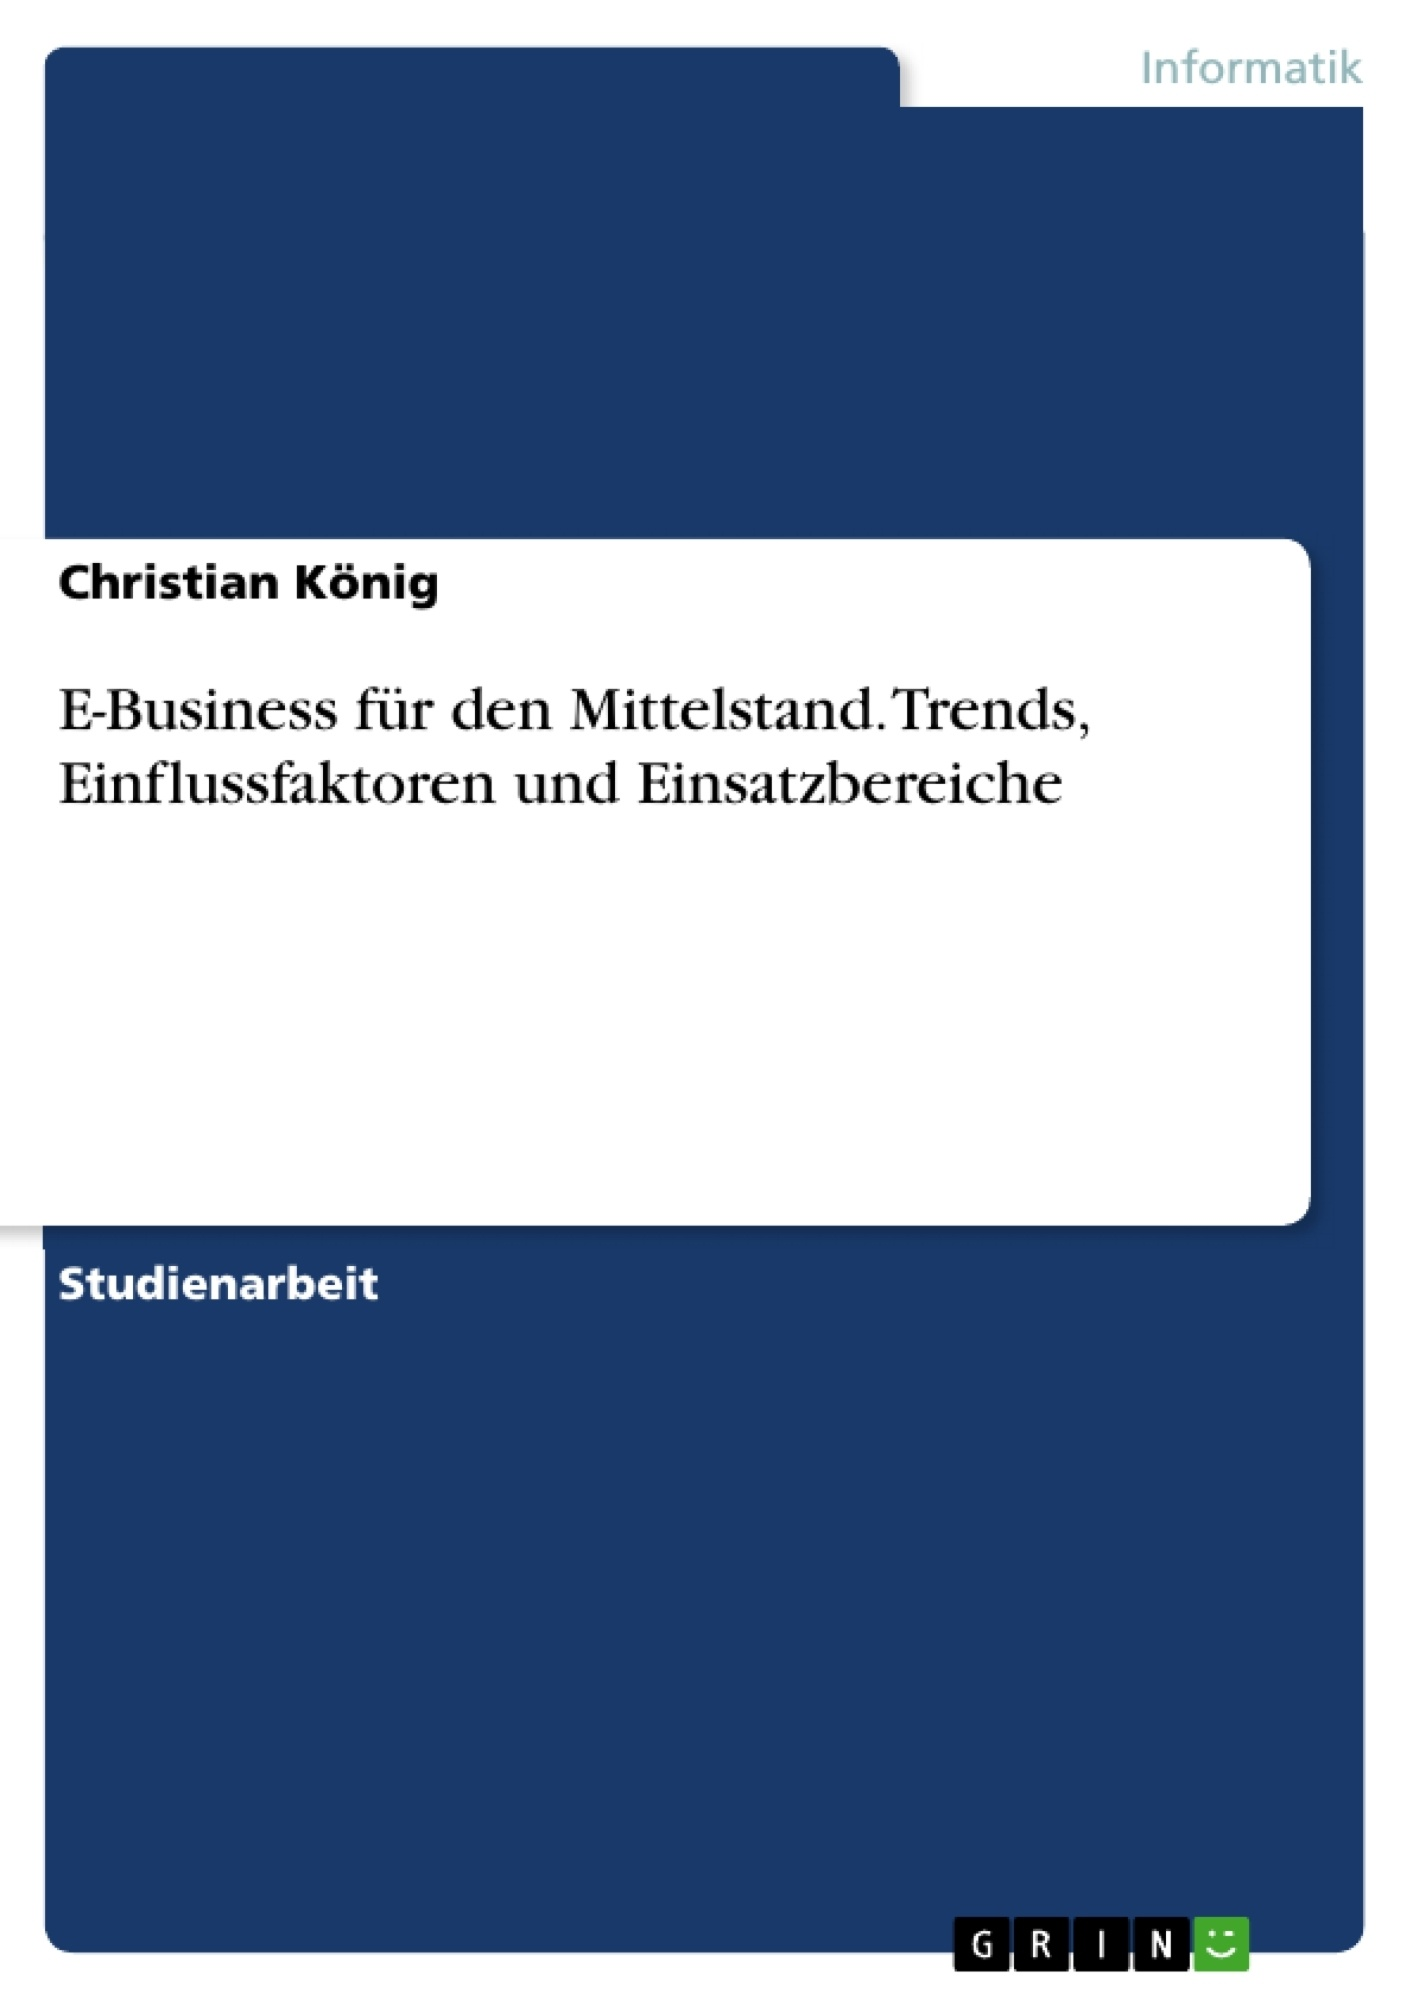 Titel: E-Business für den Mittelstand. Trends, Einflussfaktoren und Einsatzbereiche